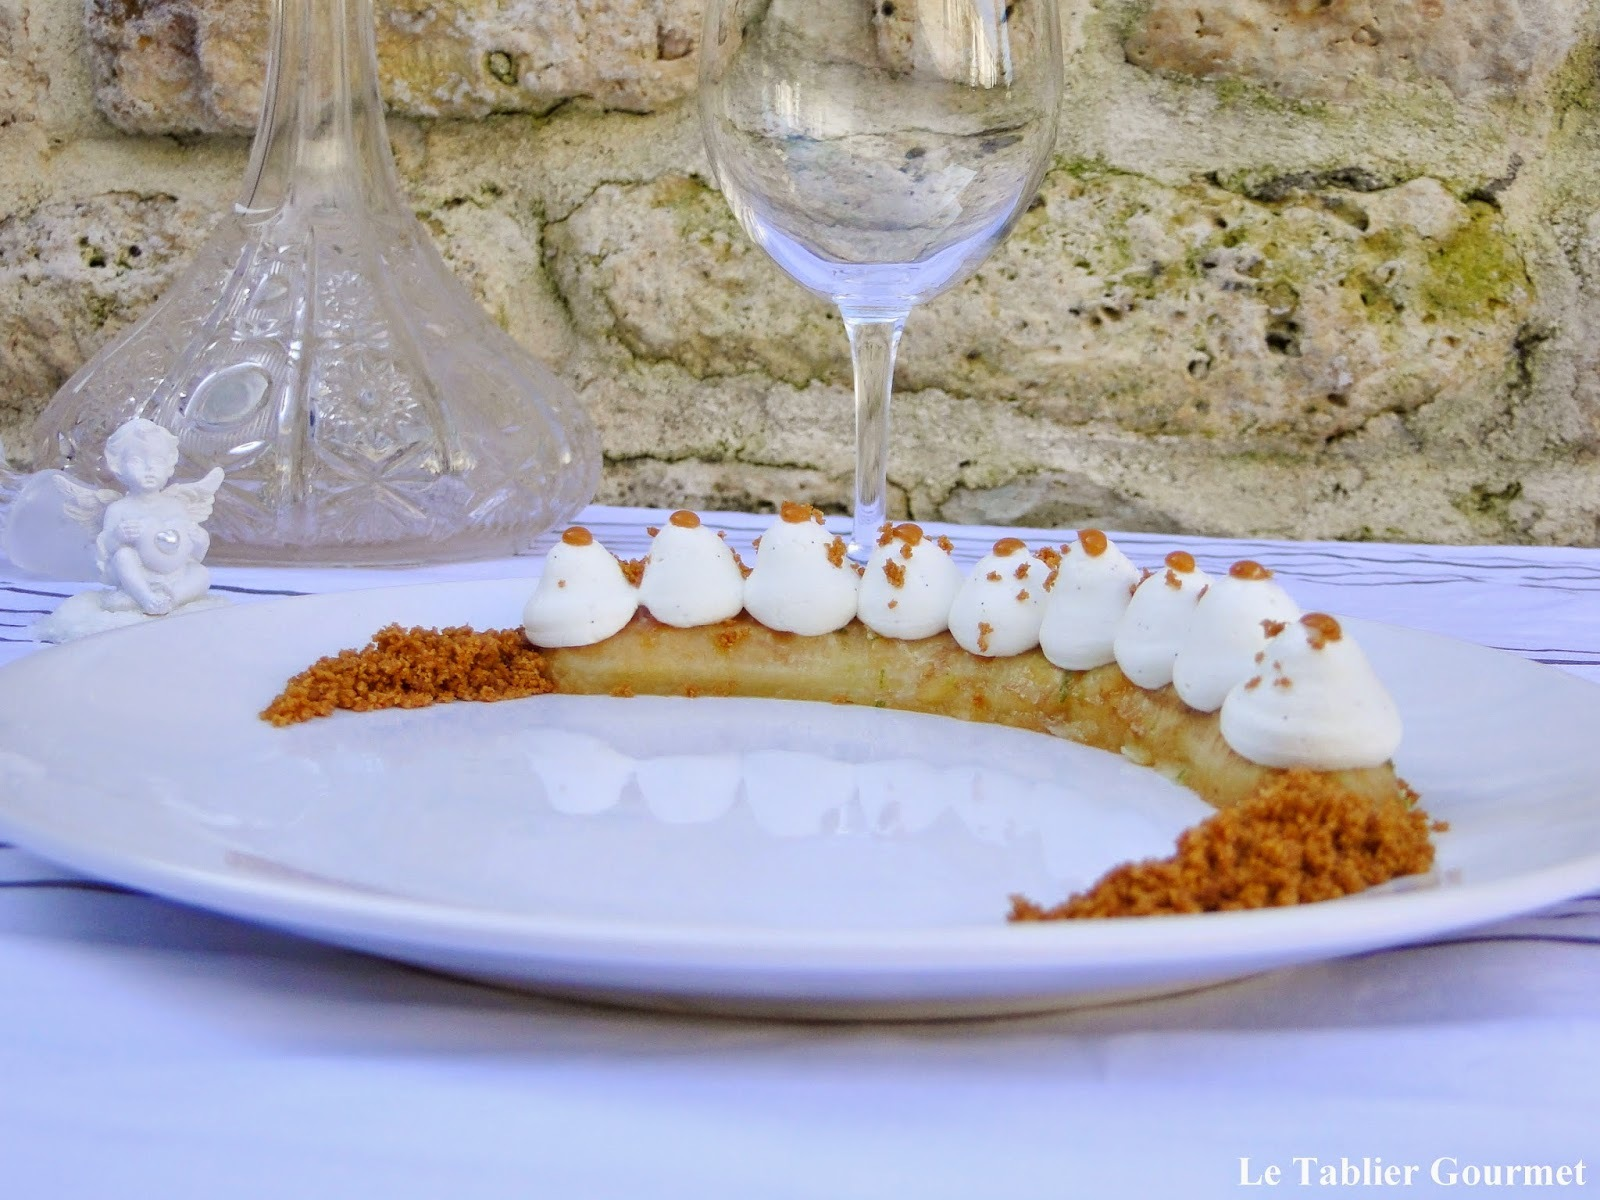 Le dessert de la Saint-Valentin : the banoffee de Christophe Michalak (banane, caramel, spéculoos et creme chantilly) !